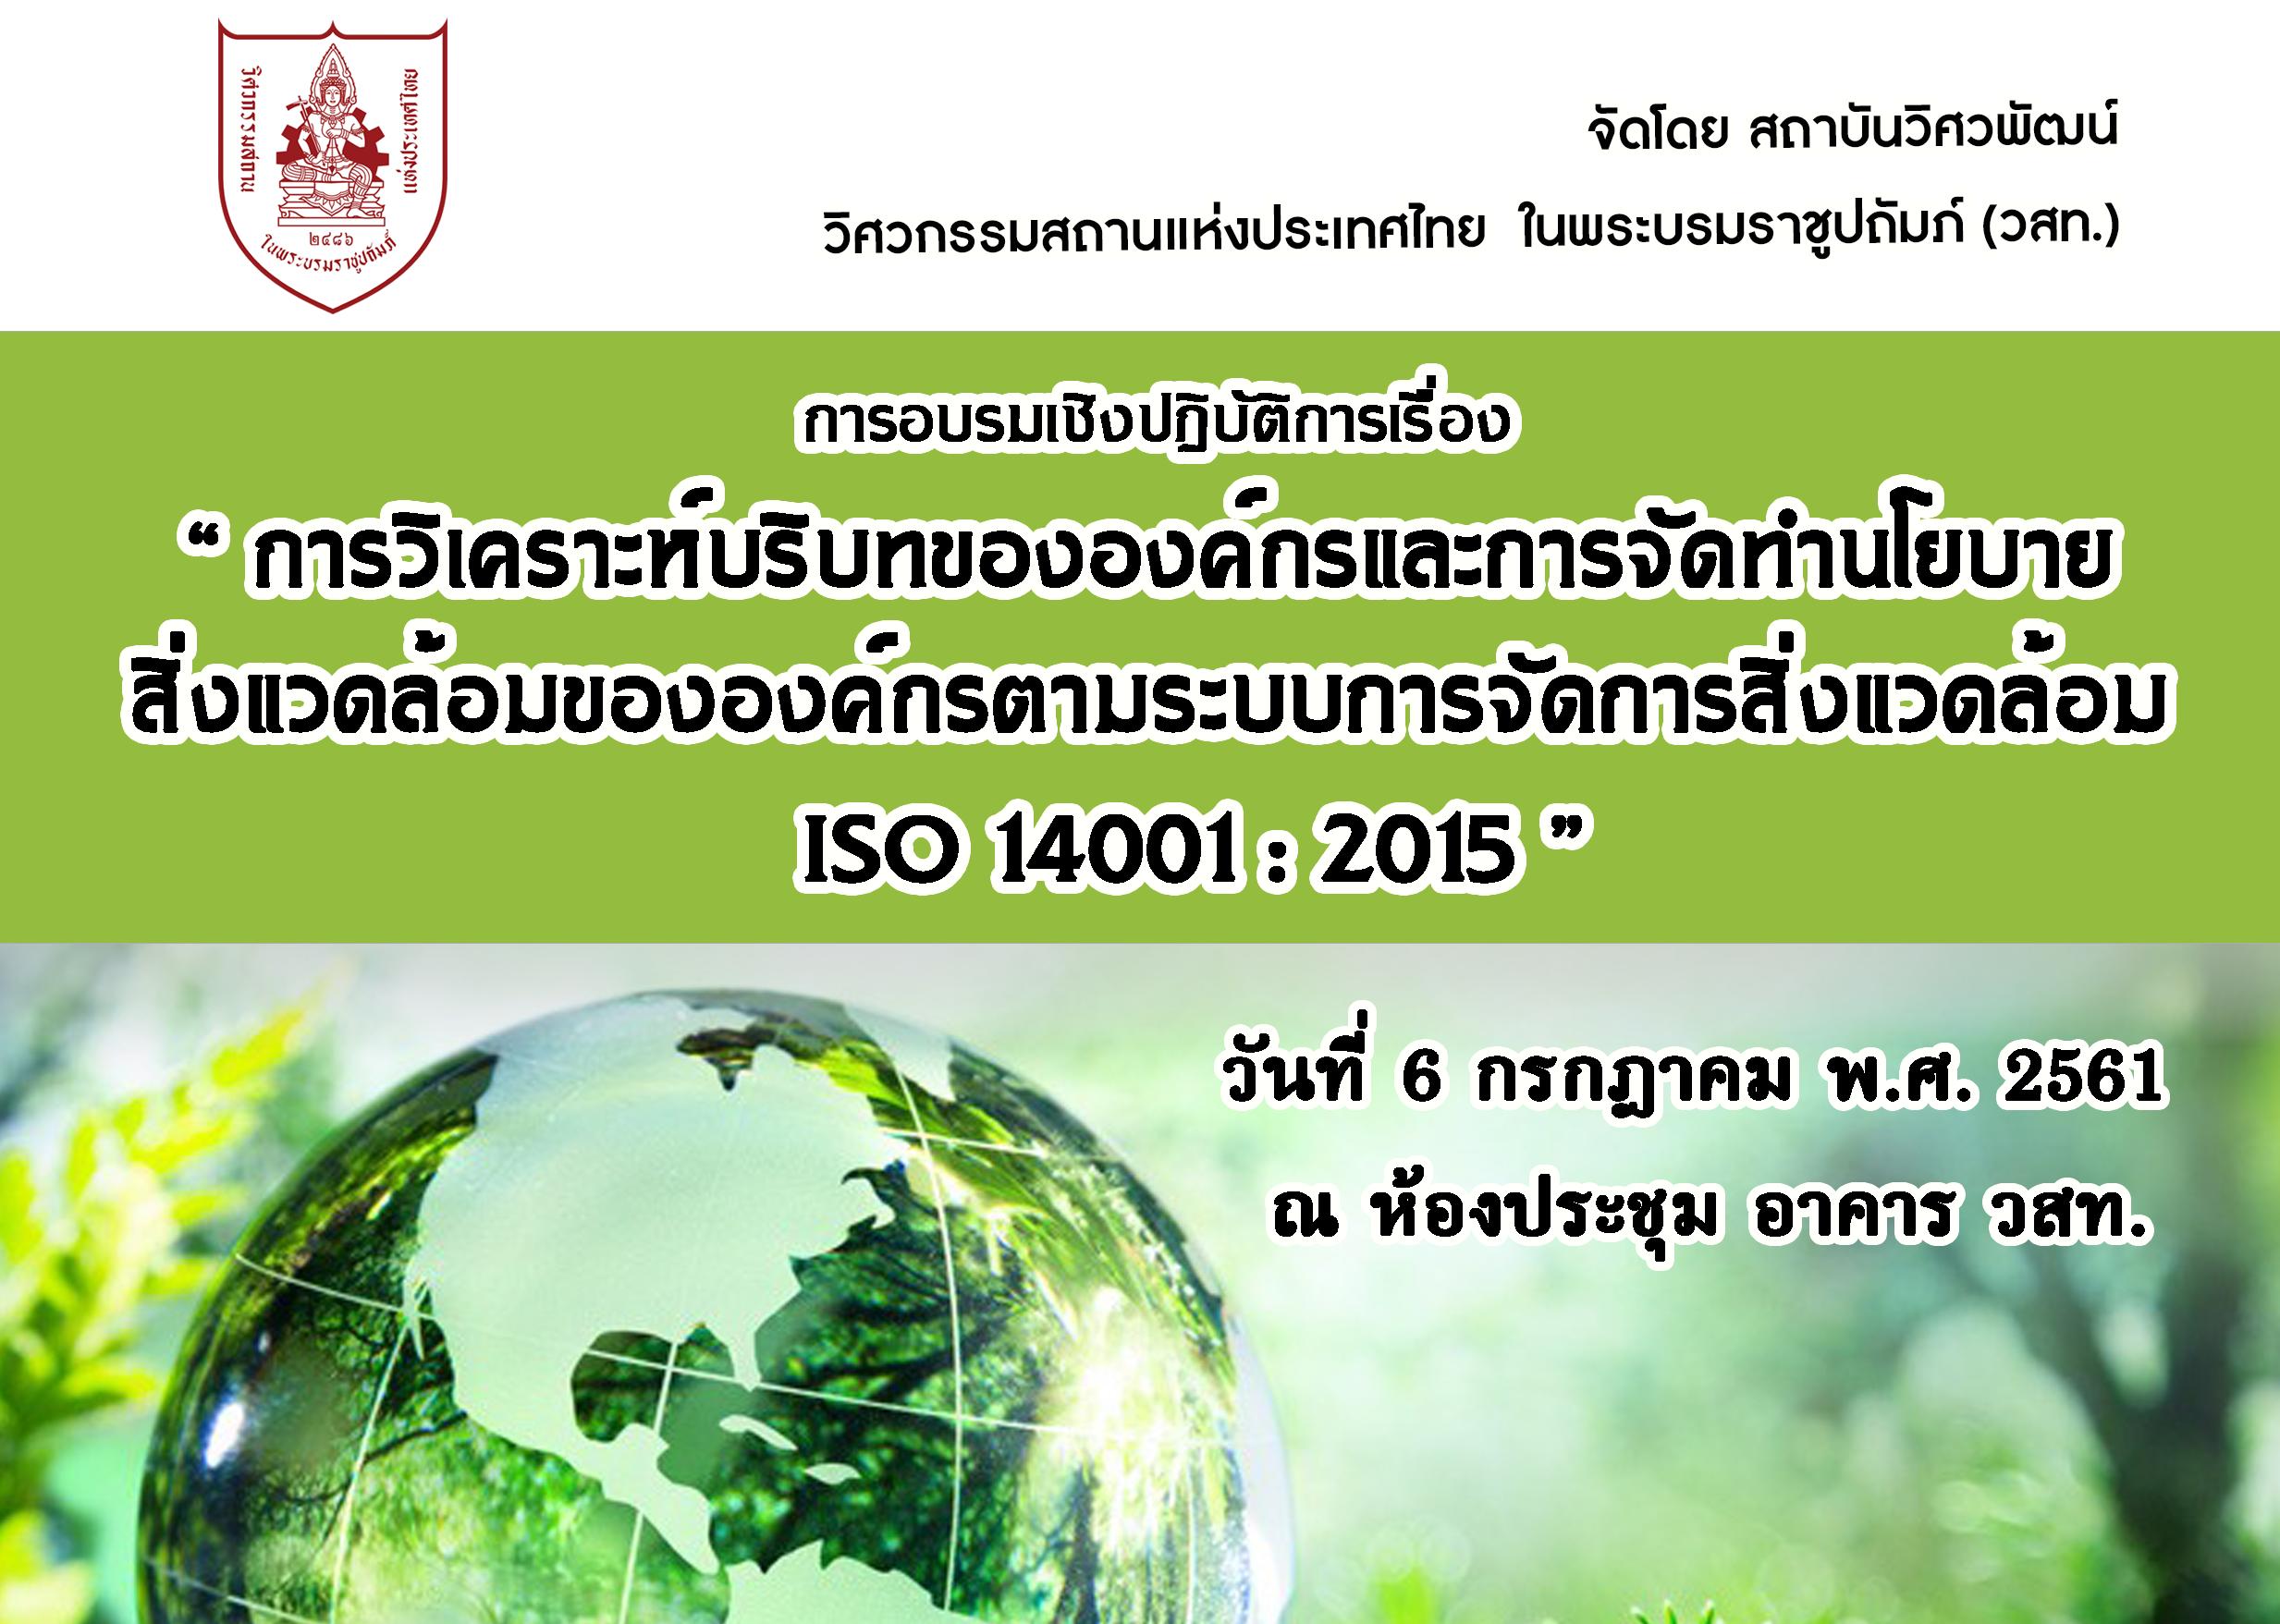 """6/07/2561การอบรมเชิงปฏิบัติการเรื่อง """"การวิเคราะห์บริบทขององค์กรและการจัดทำนโยบายสิ่งแวดล้อมขององค์กร ตามระบบการจัดการสิ่งแวดล้อม ISO 14001:2015"""" (ยกเลิก)"""